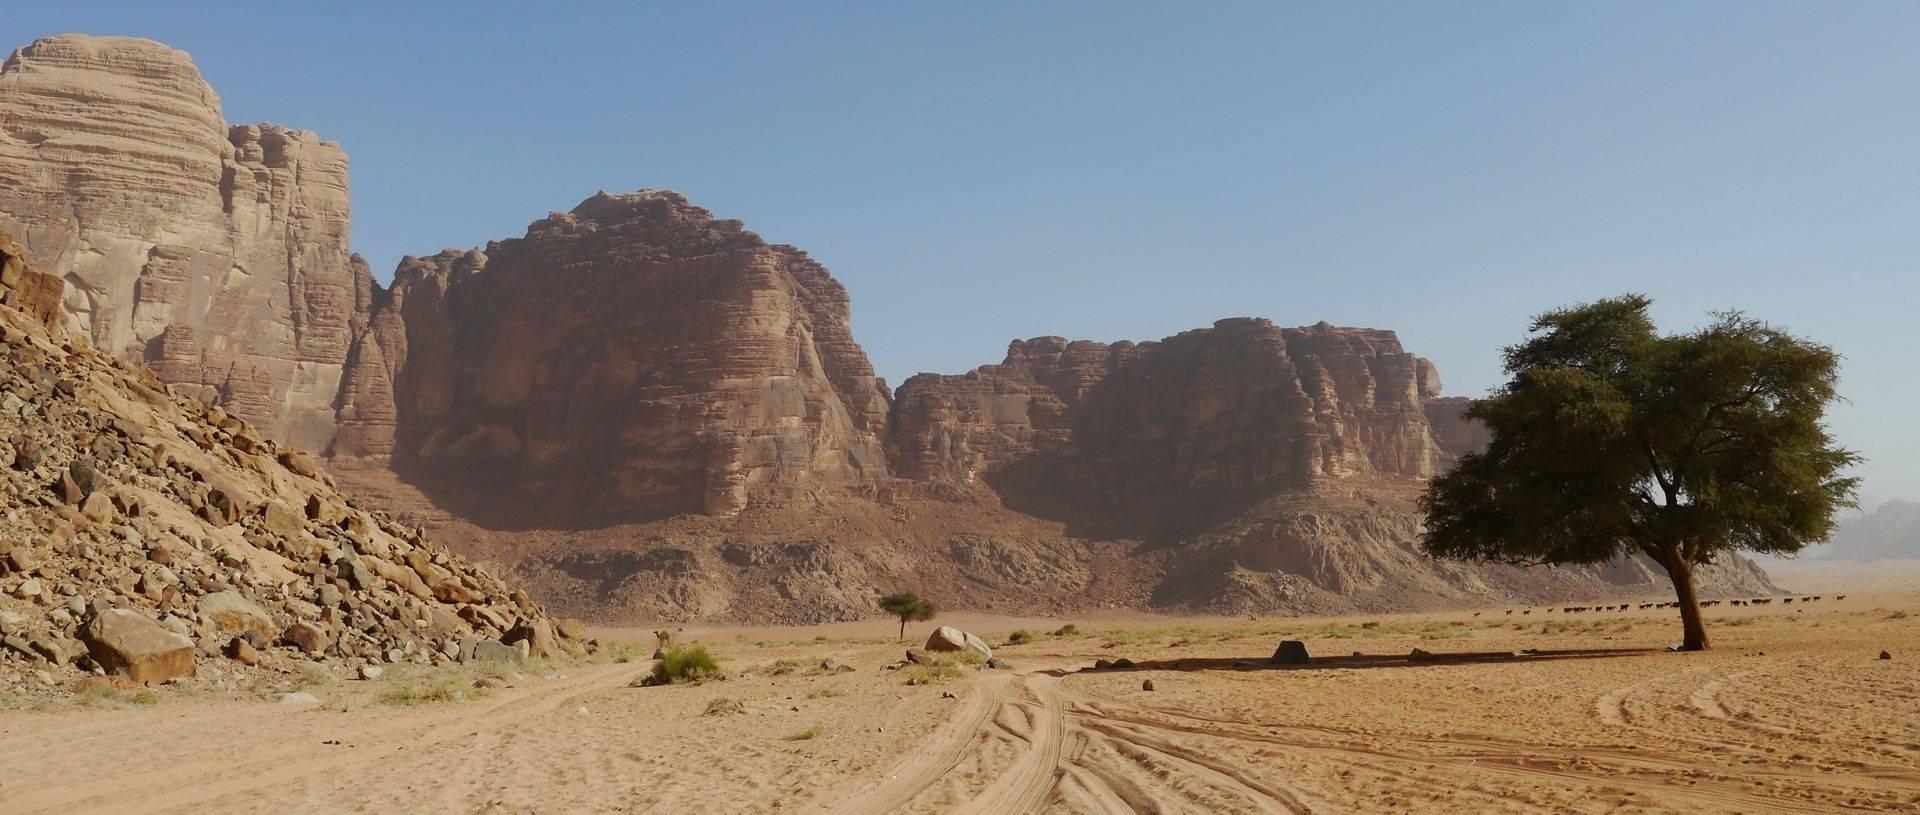 The remote desert of Wadi Rum.JPG